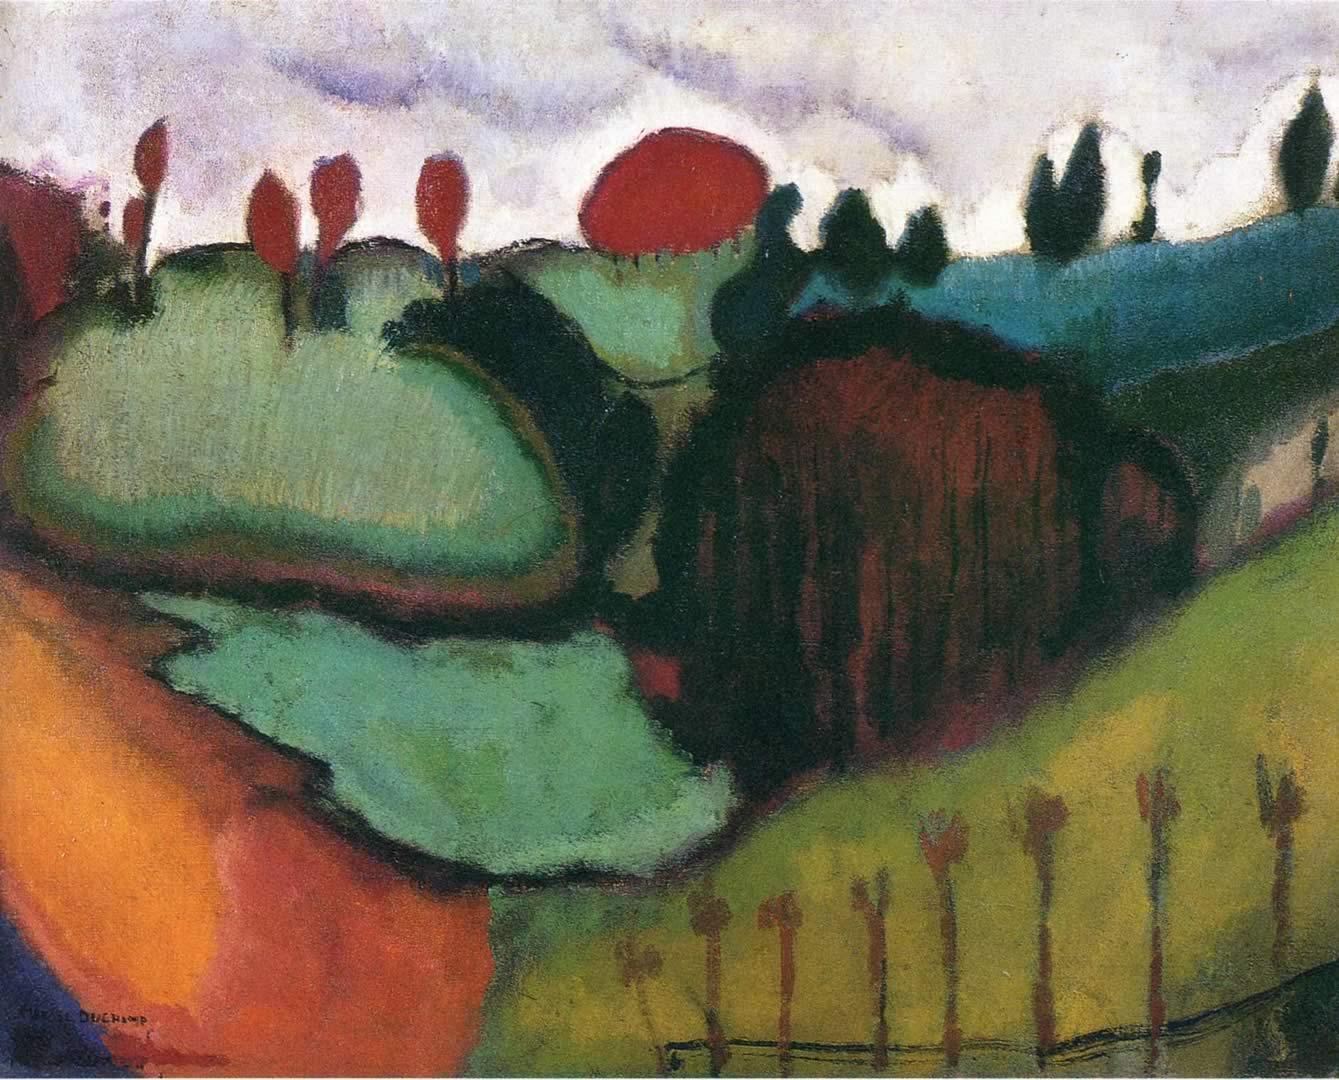 1339x1080 Phong cảnh - Hình nền Marcel Duchamp